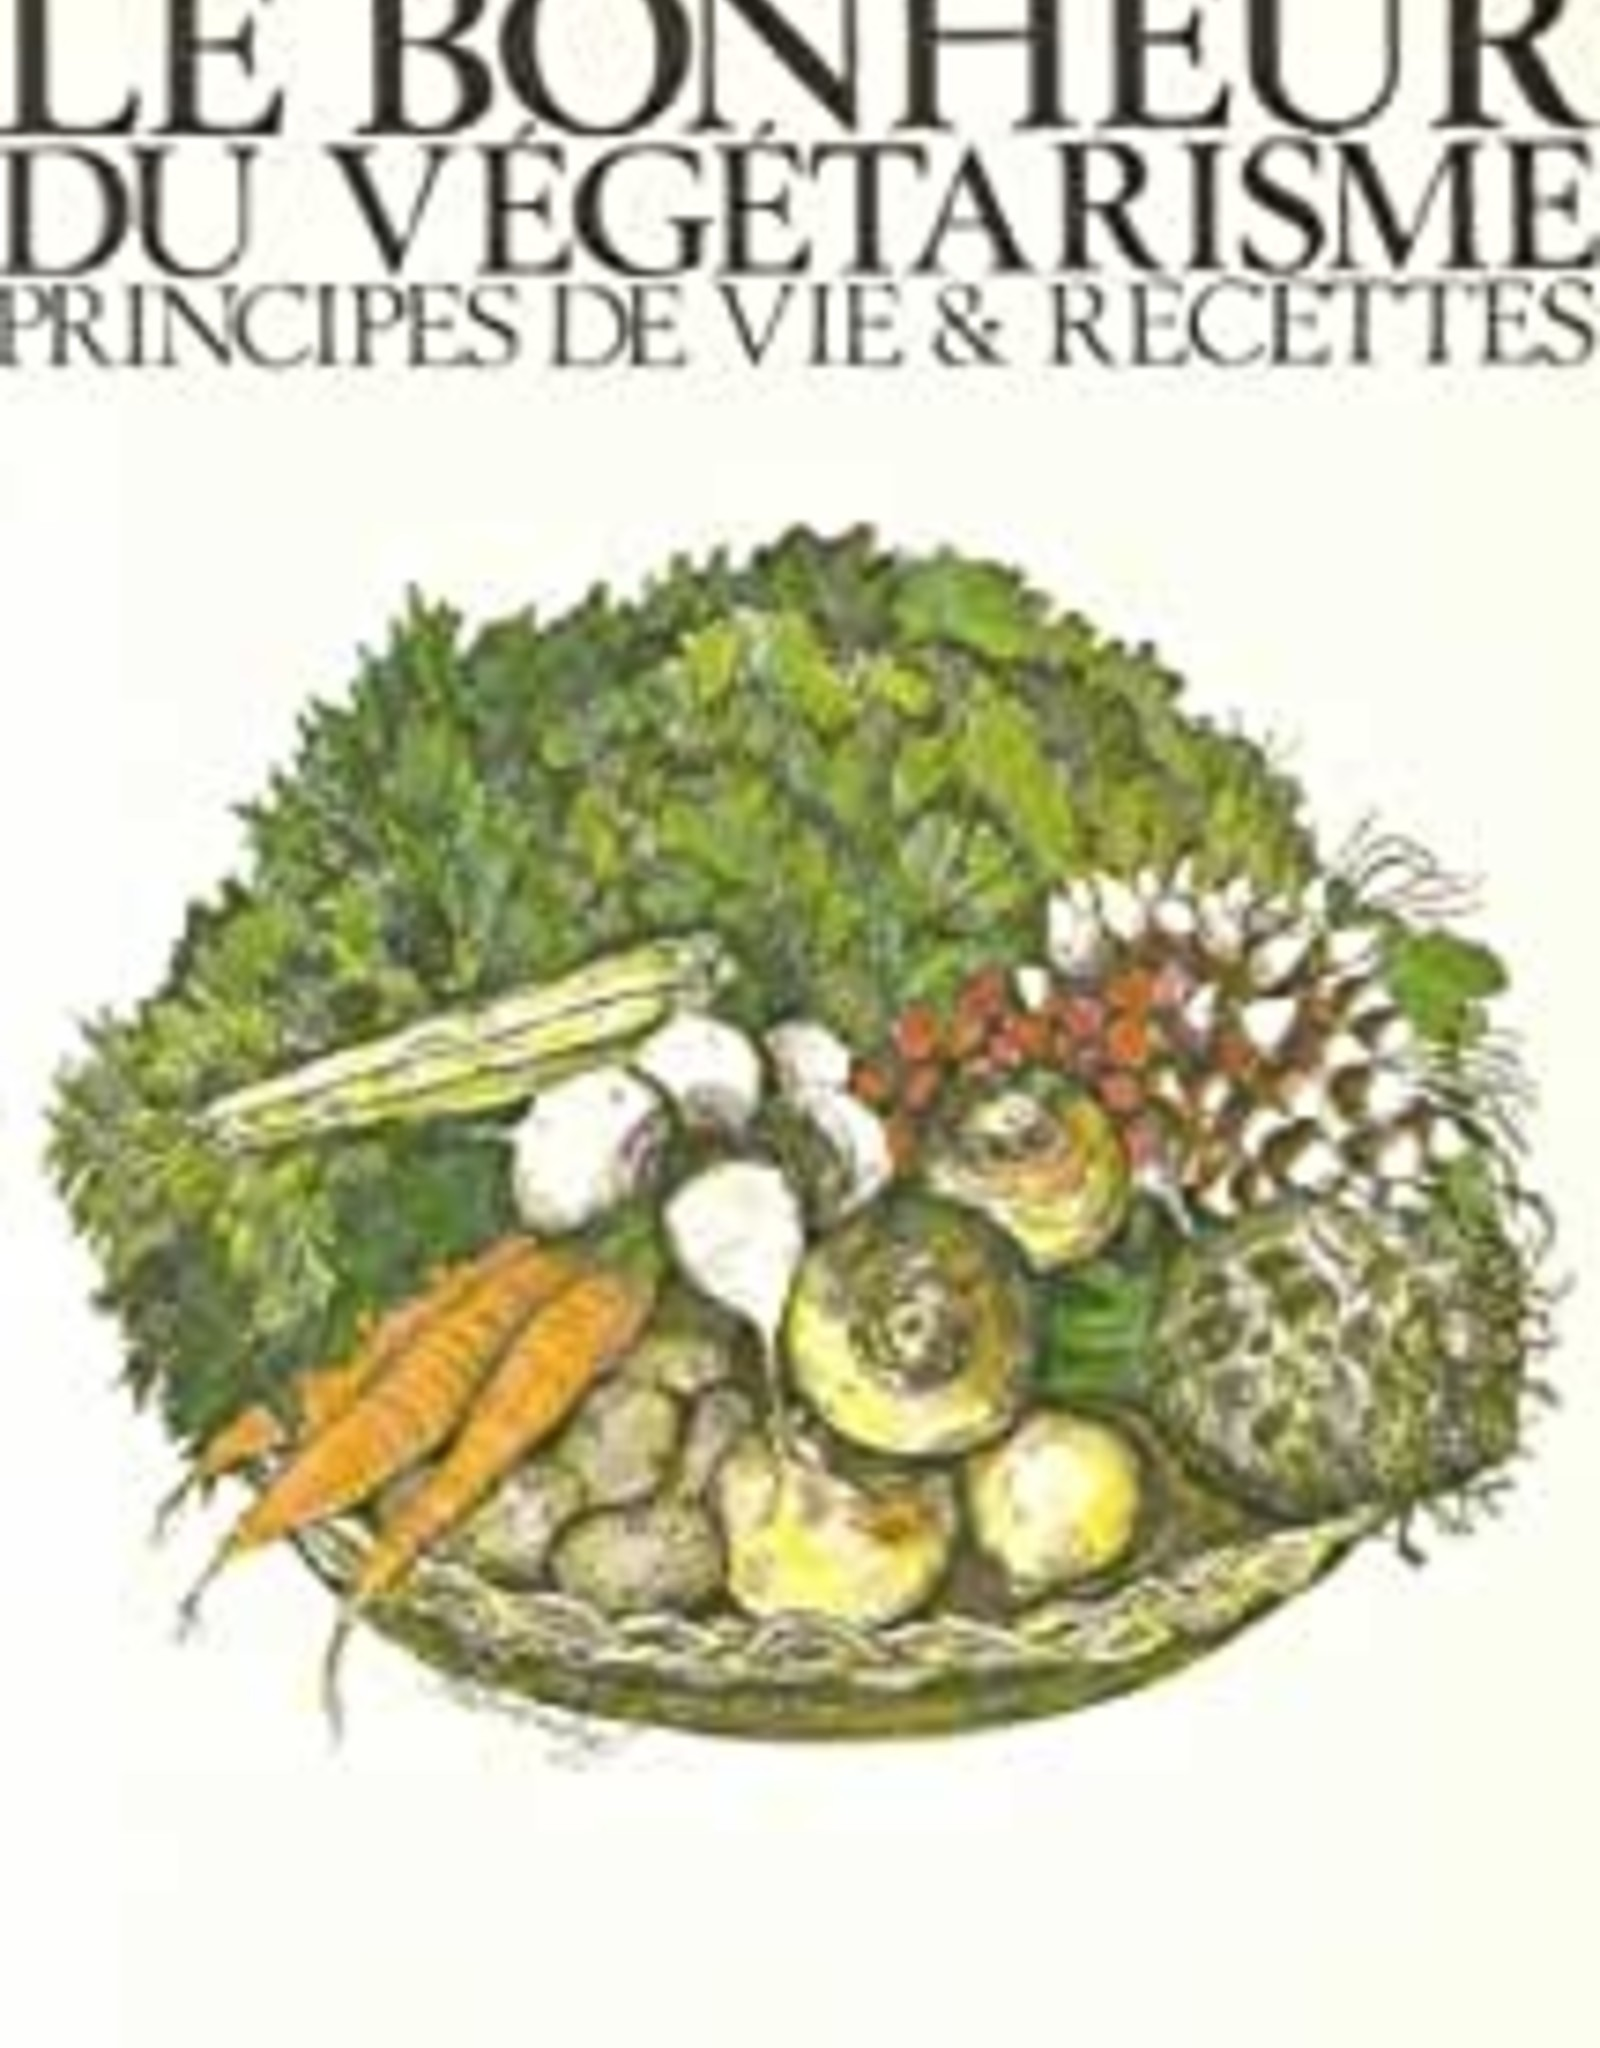 Danièle Starenkyj Le bonheur du végétarisme - Principes de vie et recettes